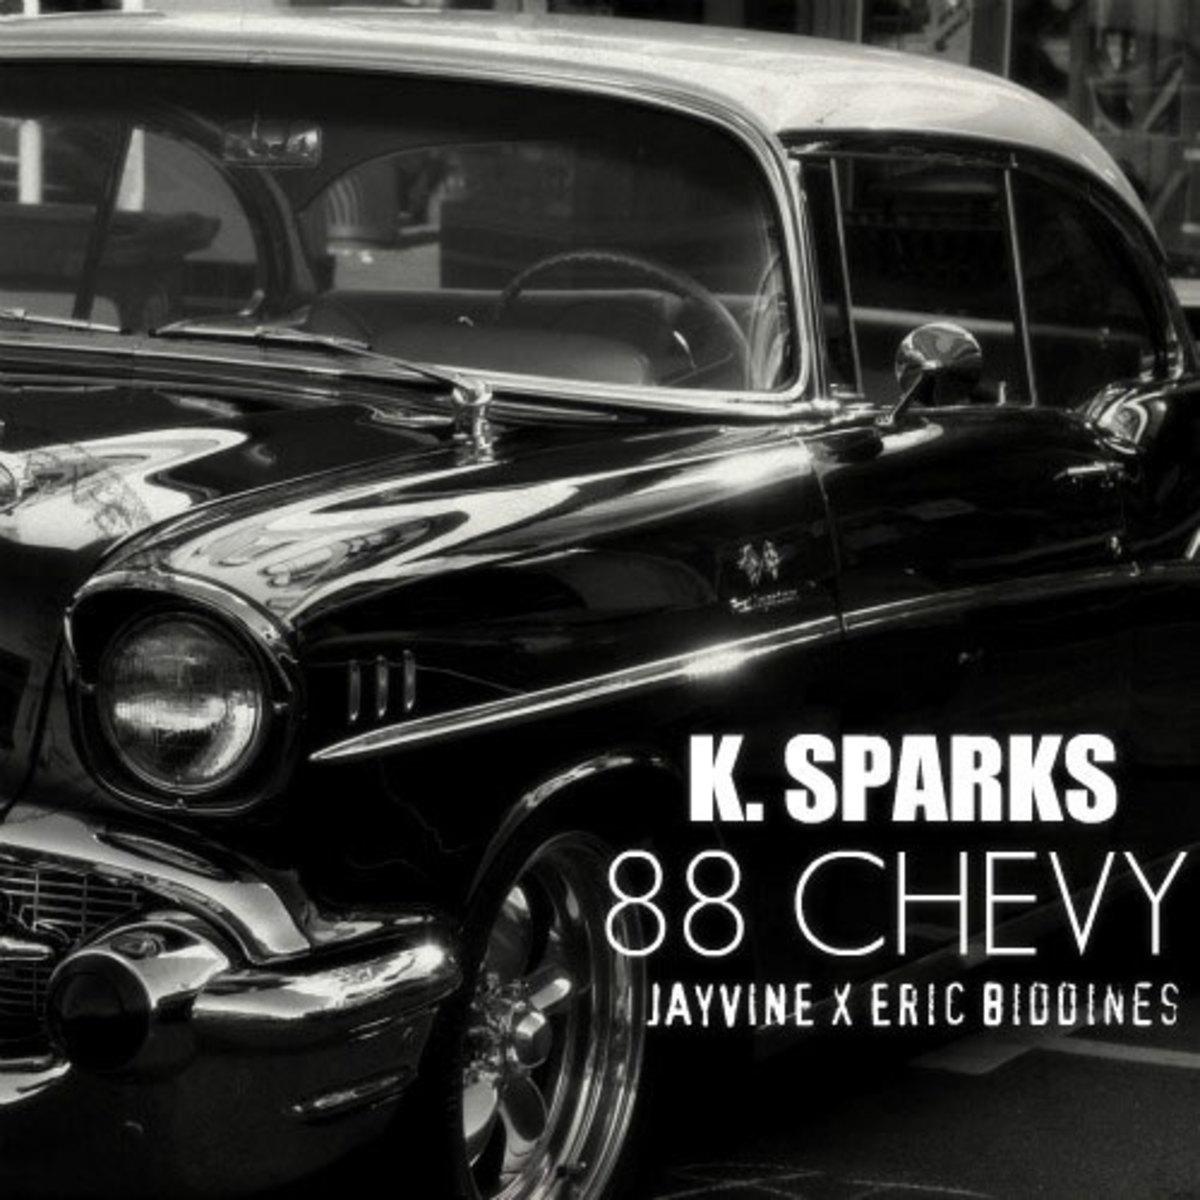 ksparks-88chevy.jpg